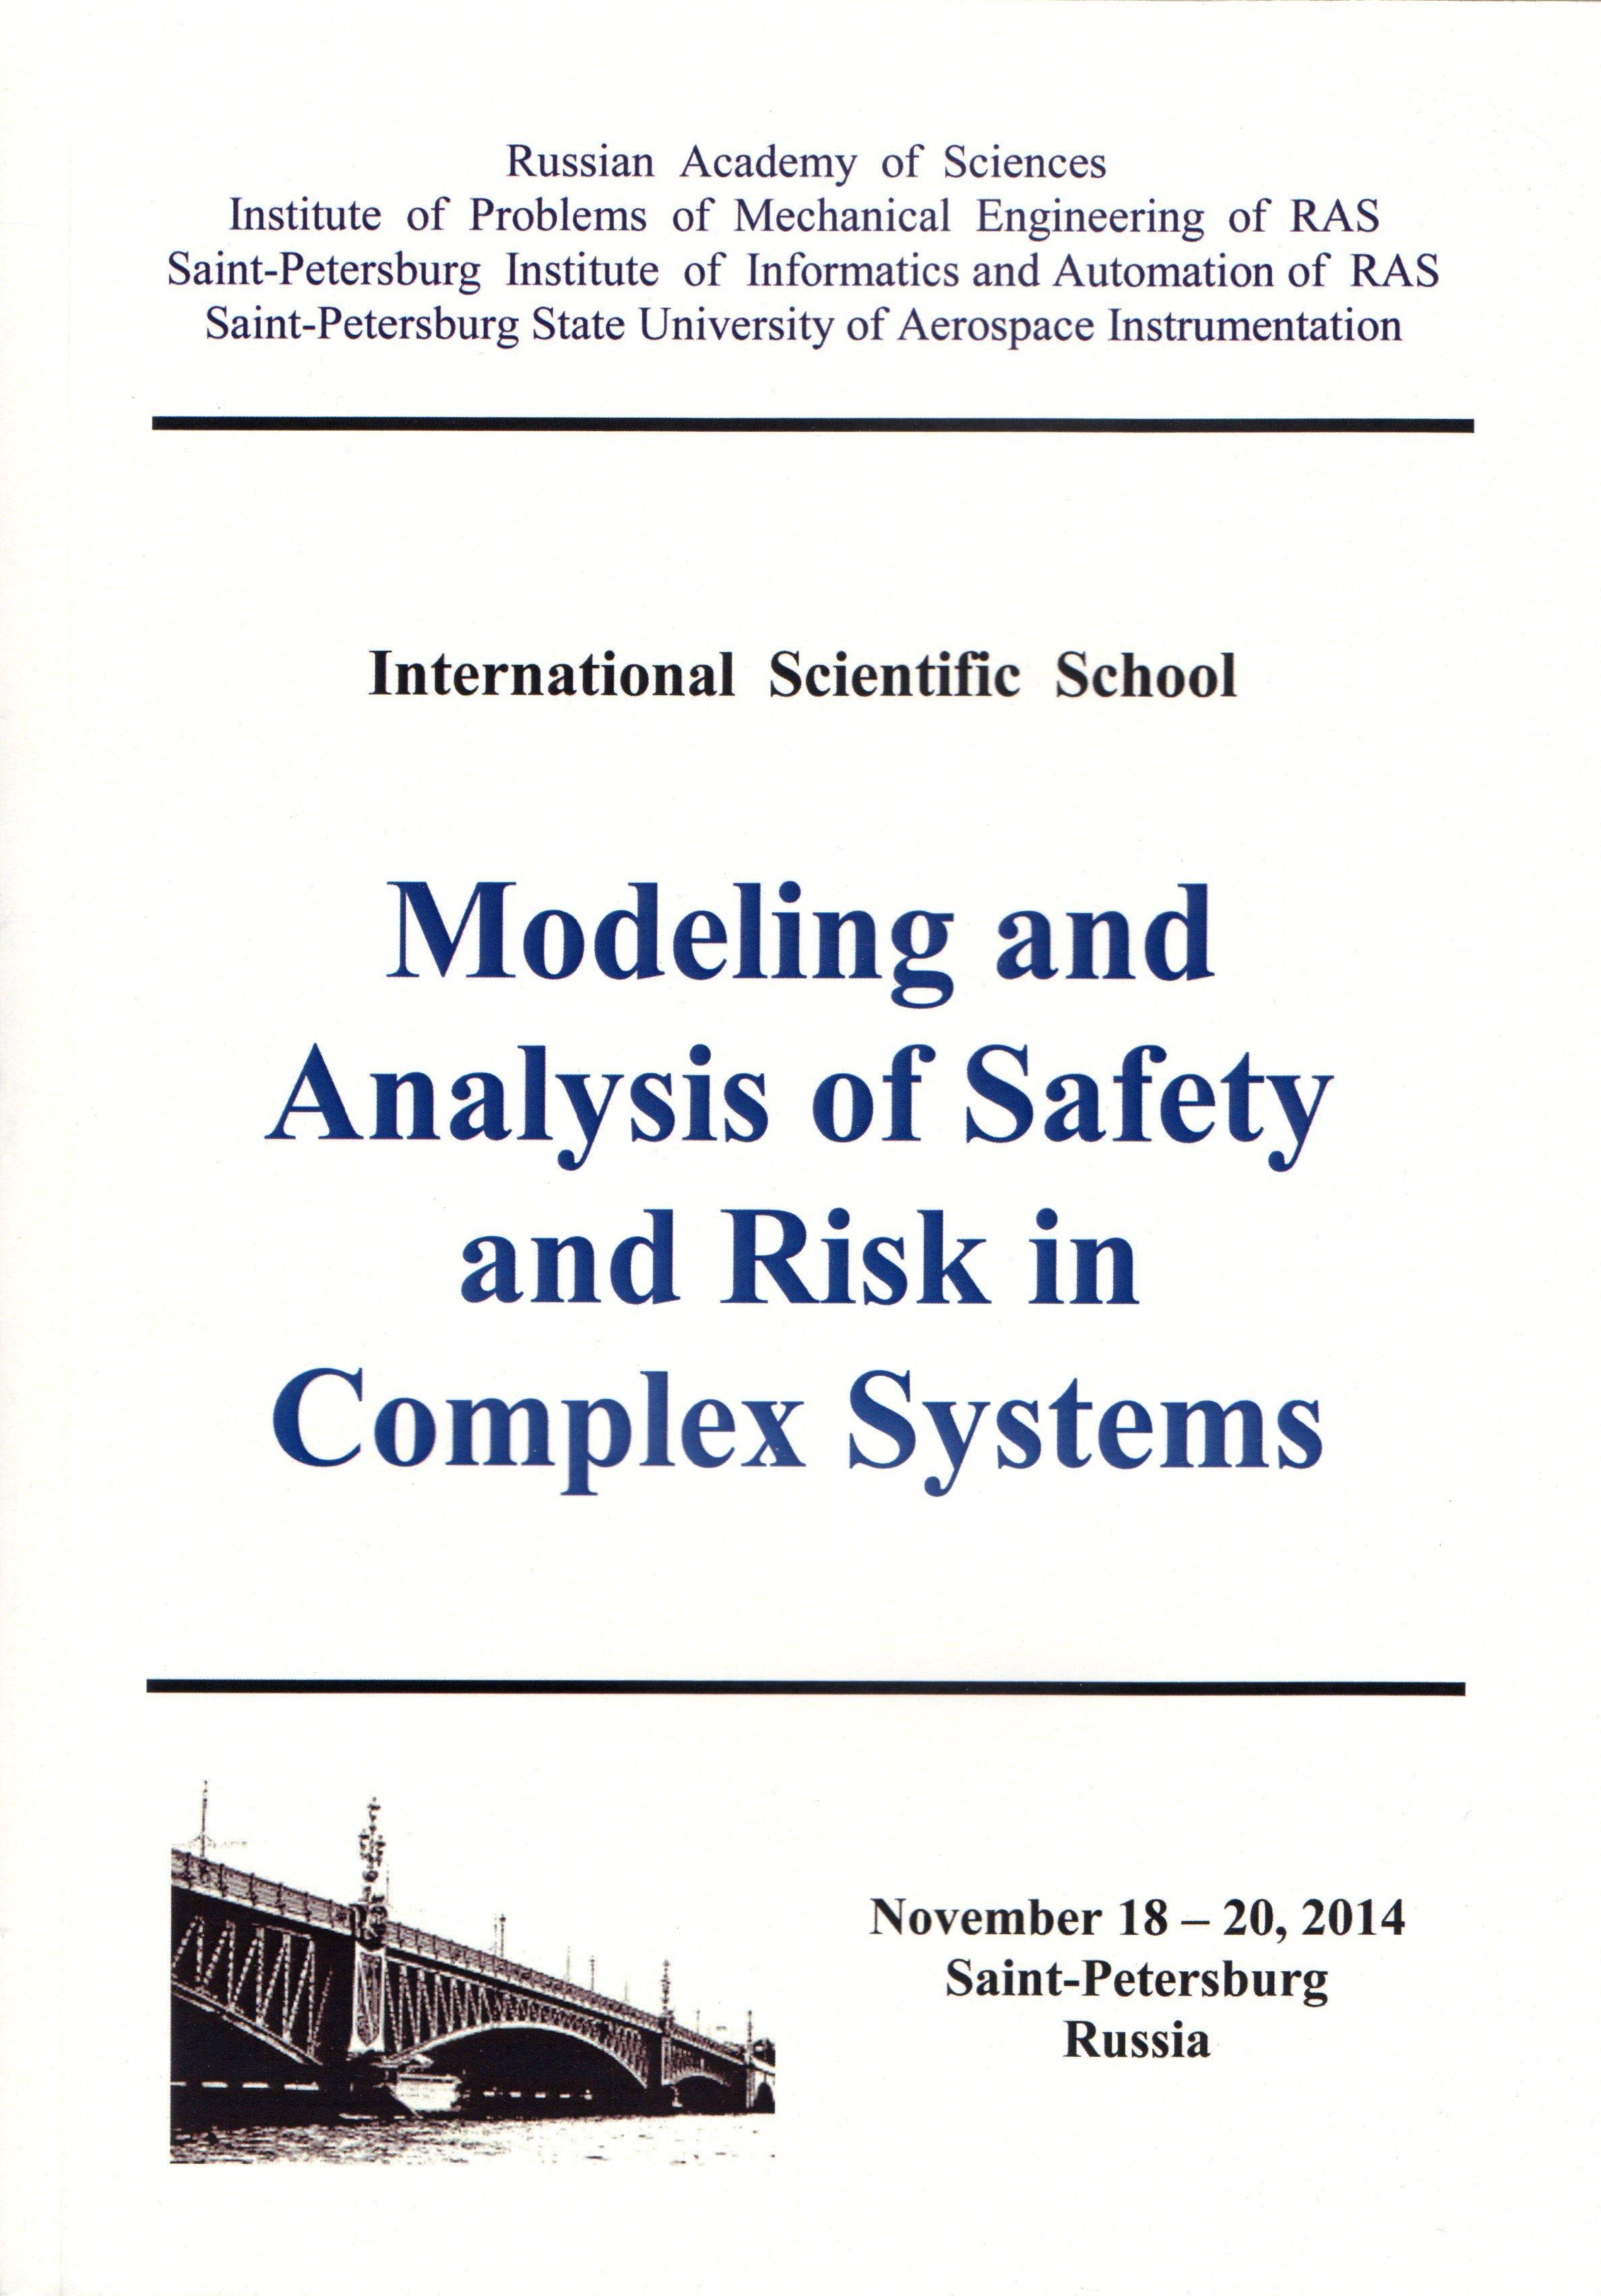 Методики анализа и оценки рисков информационной безопасности